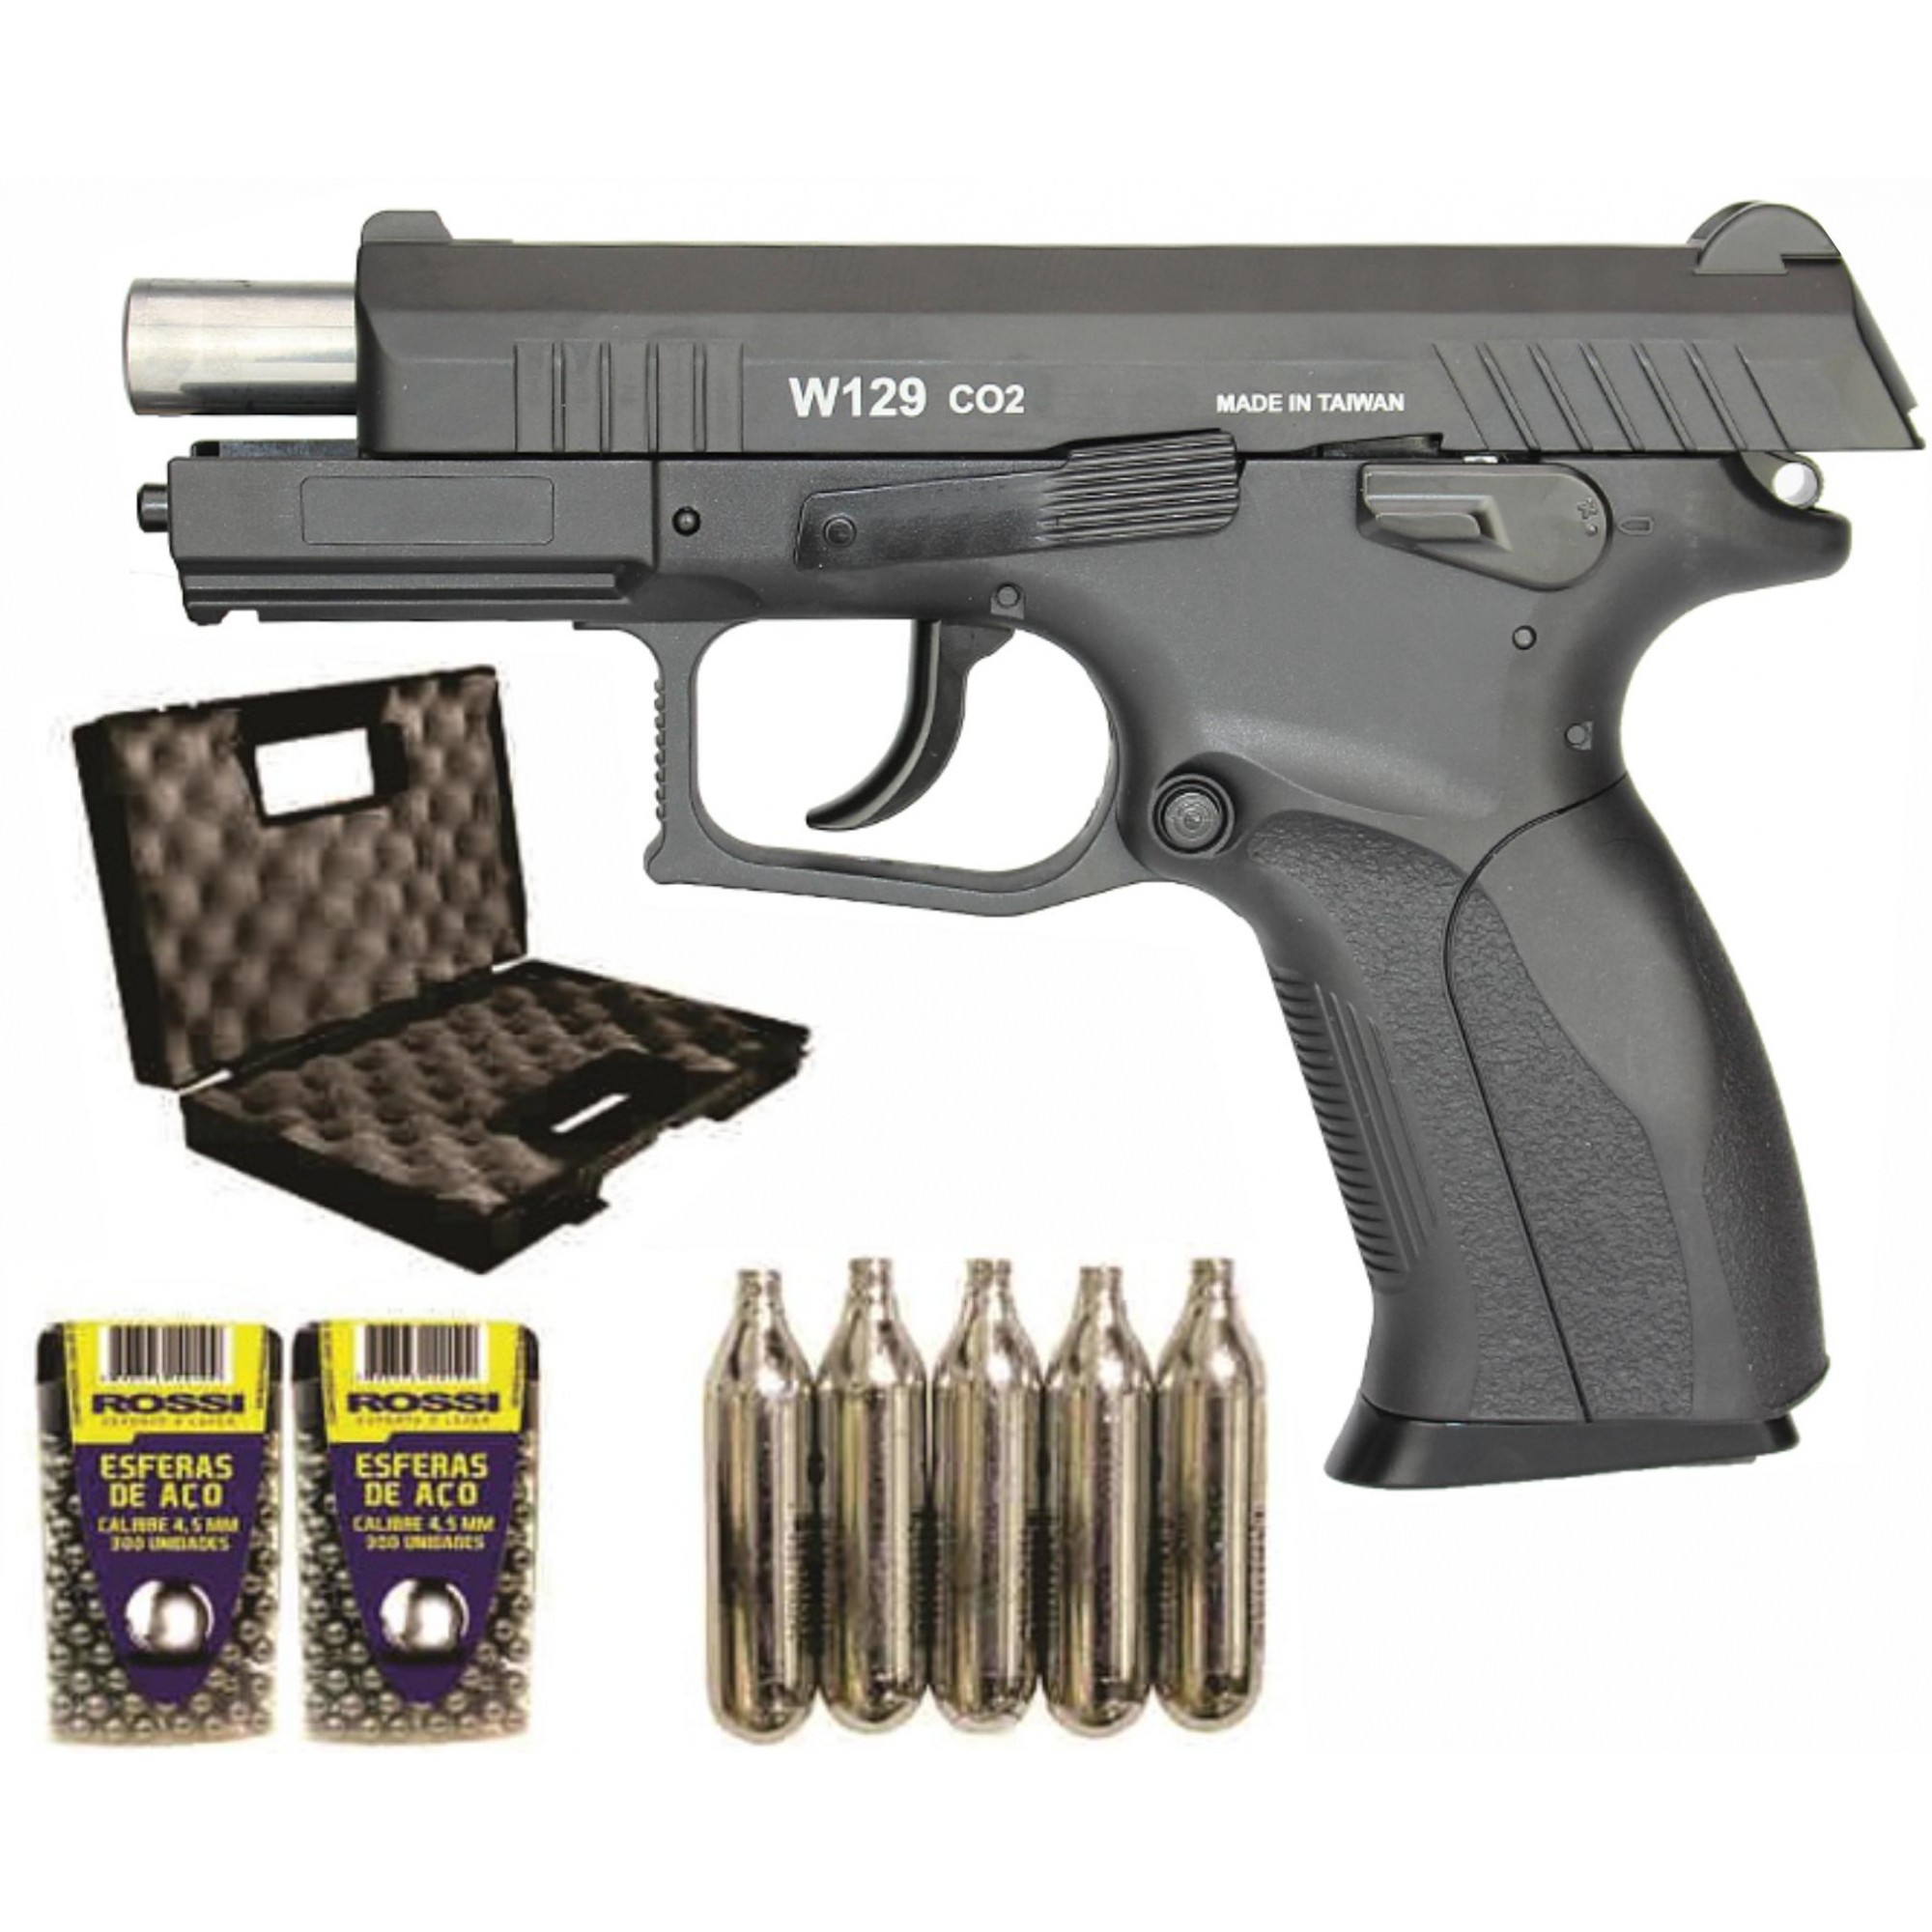 Pistola de Pressão Win Gun CZ300 W129 Slide Metal 4.5mm BlowBack com 600 esferas  5 ampolas CO2 e Maleta Rígida